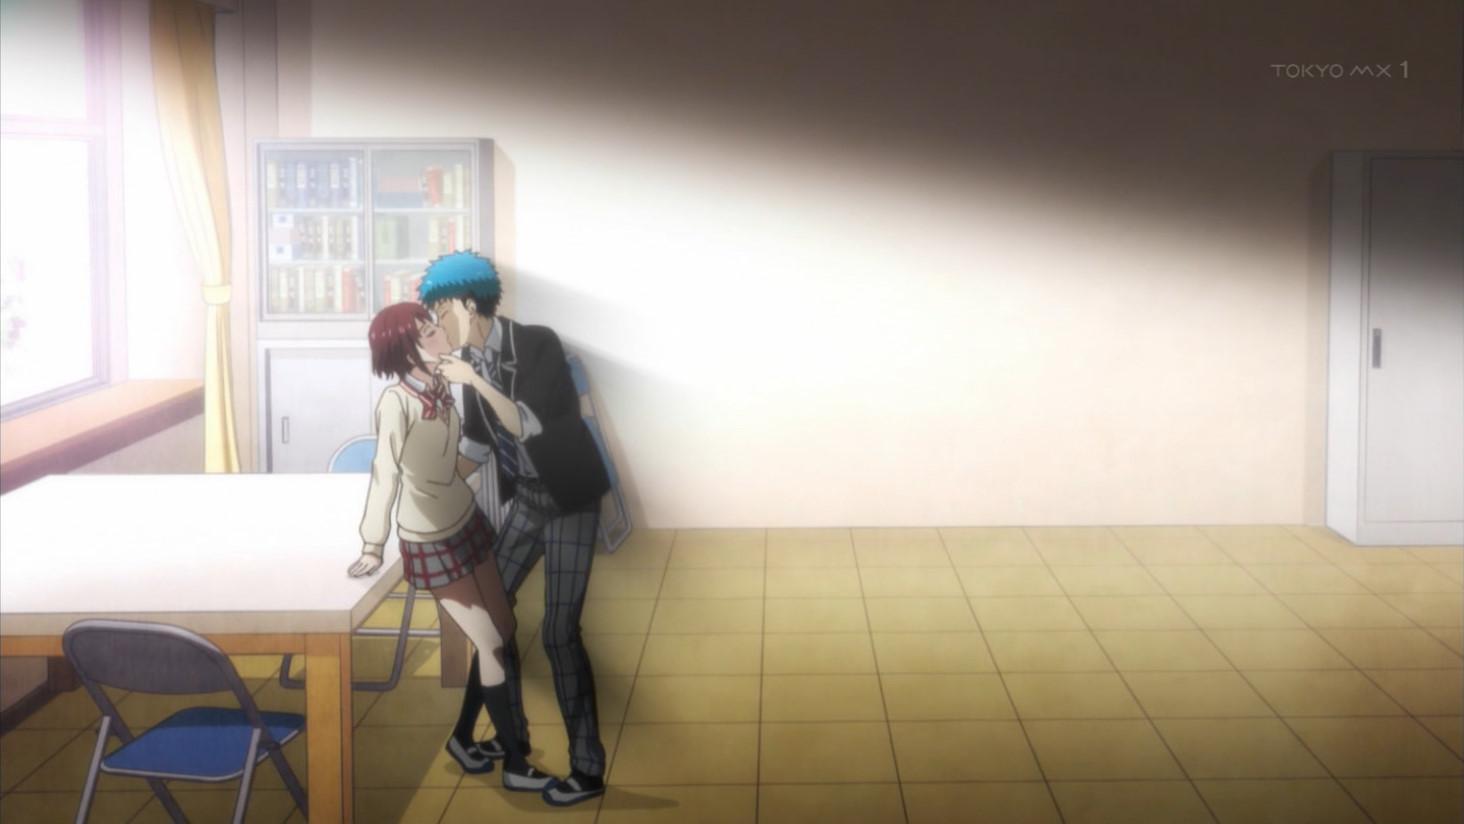 ちゅううううううううう #yamajo #yamajo_anime #やまじょ #tokyomx http://t.co/VE3mI3slxA